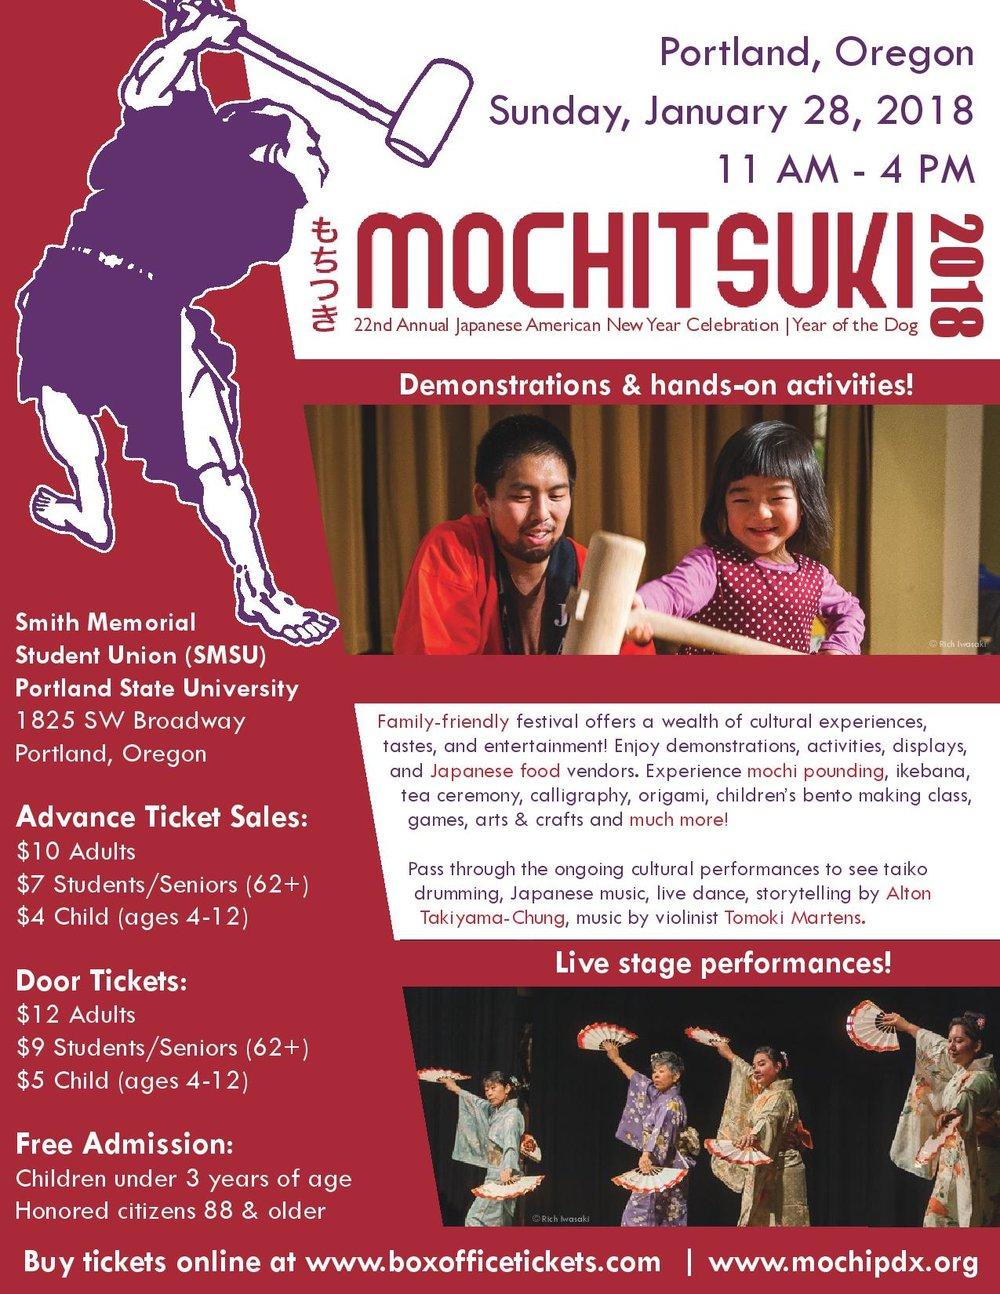 Mochitsuki 2018 8.5x11 Poster-page-001.jpg